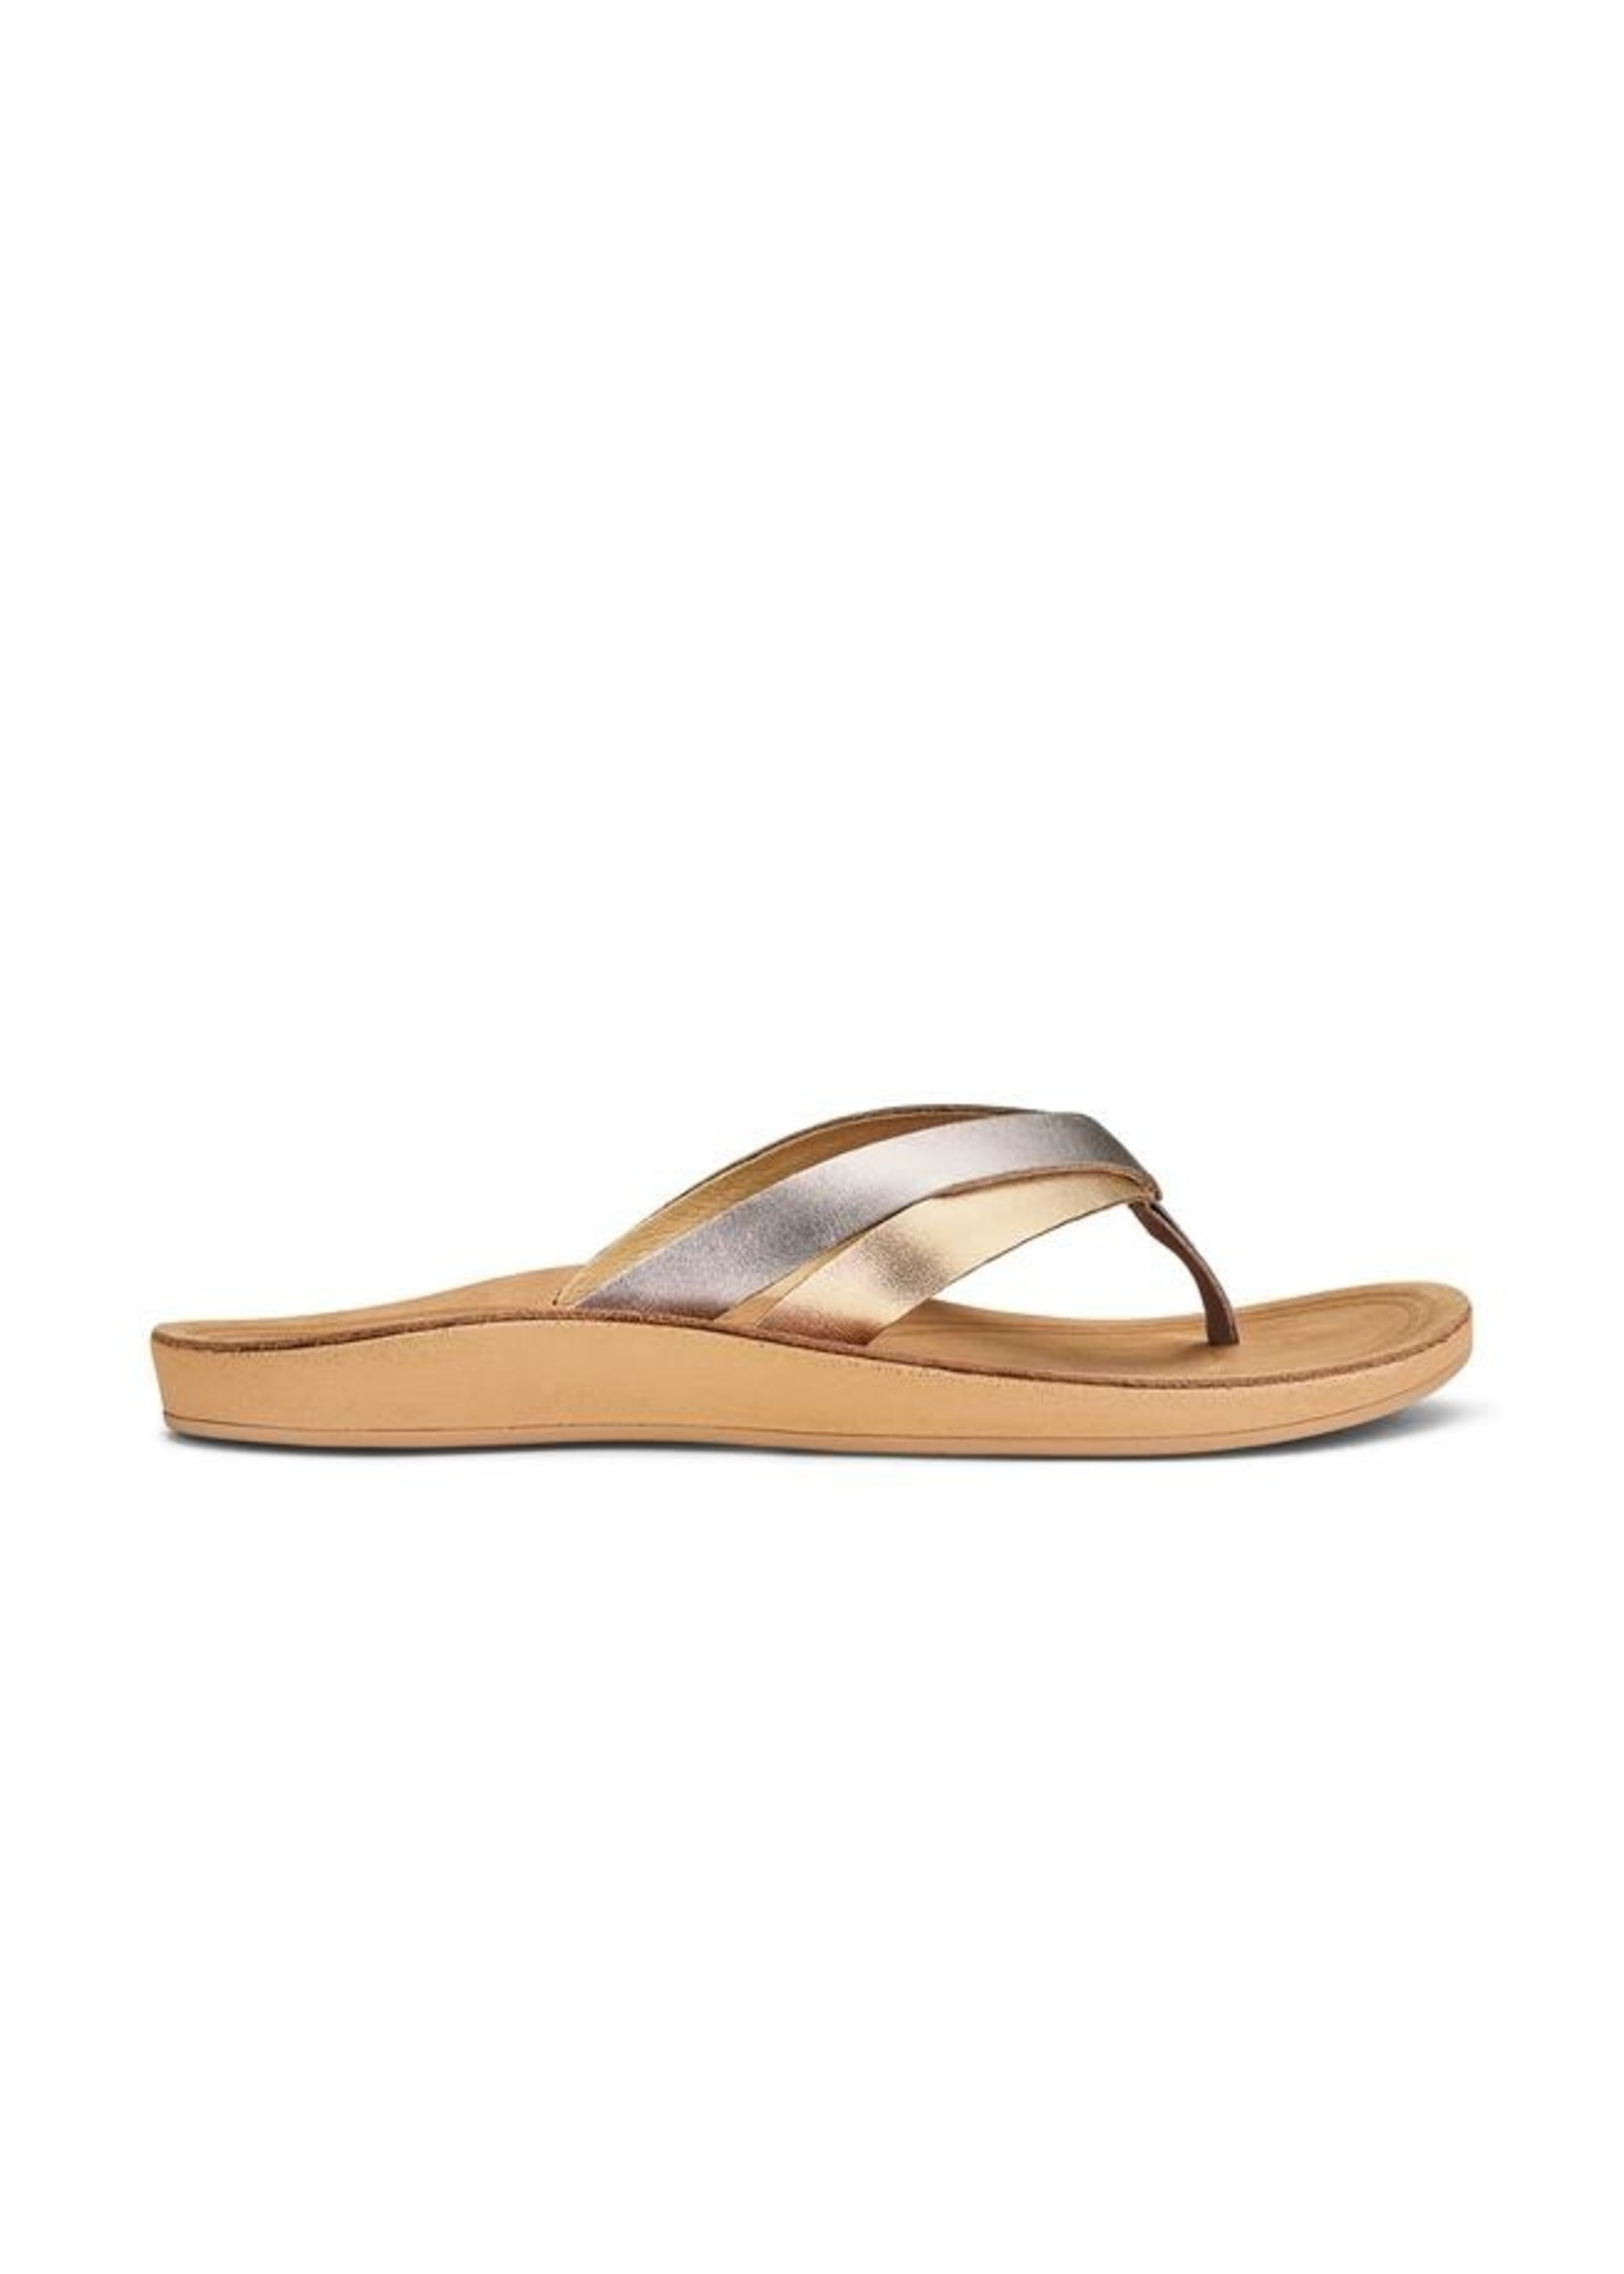 OluKai Kaekae  Women's Beach Sandals